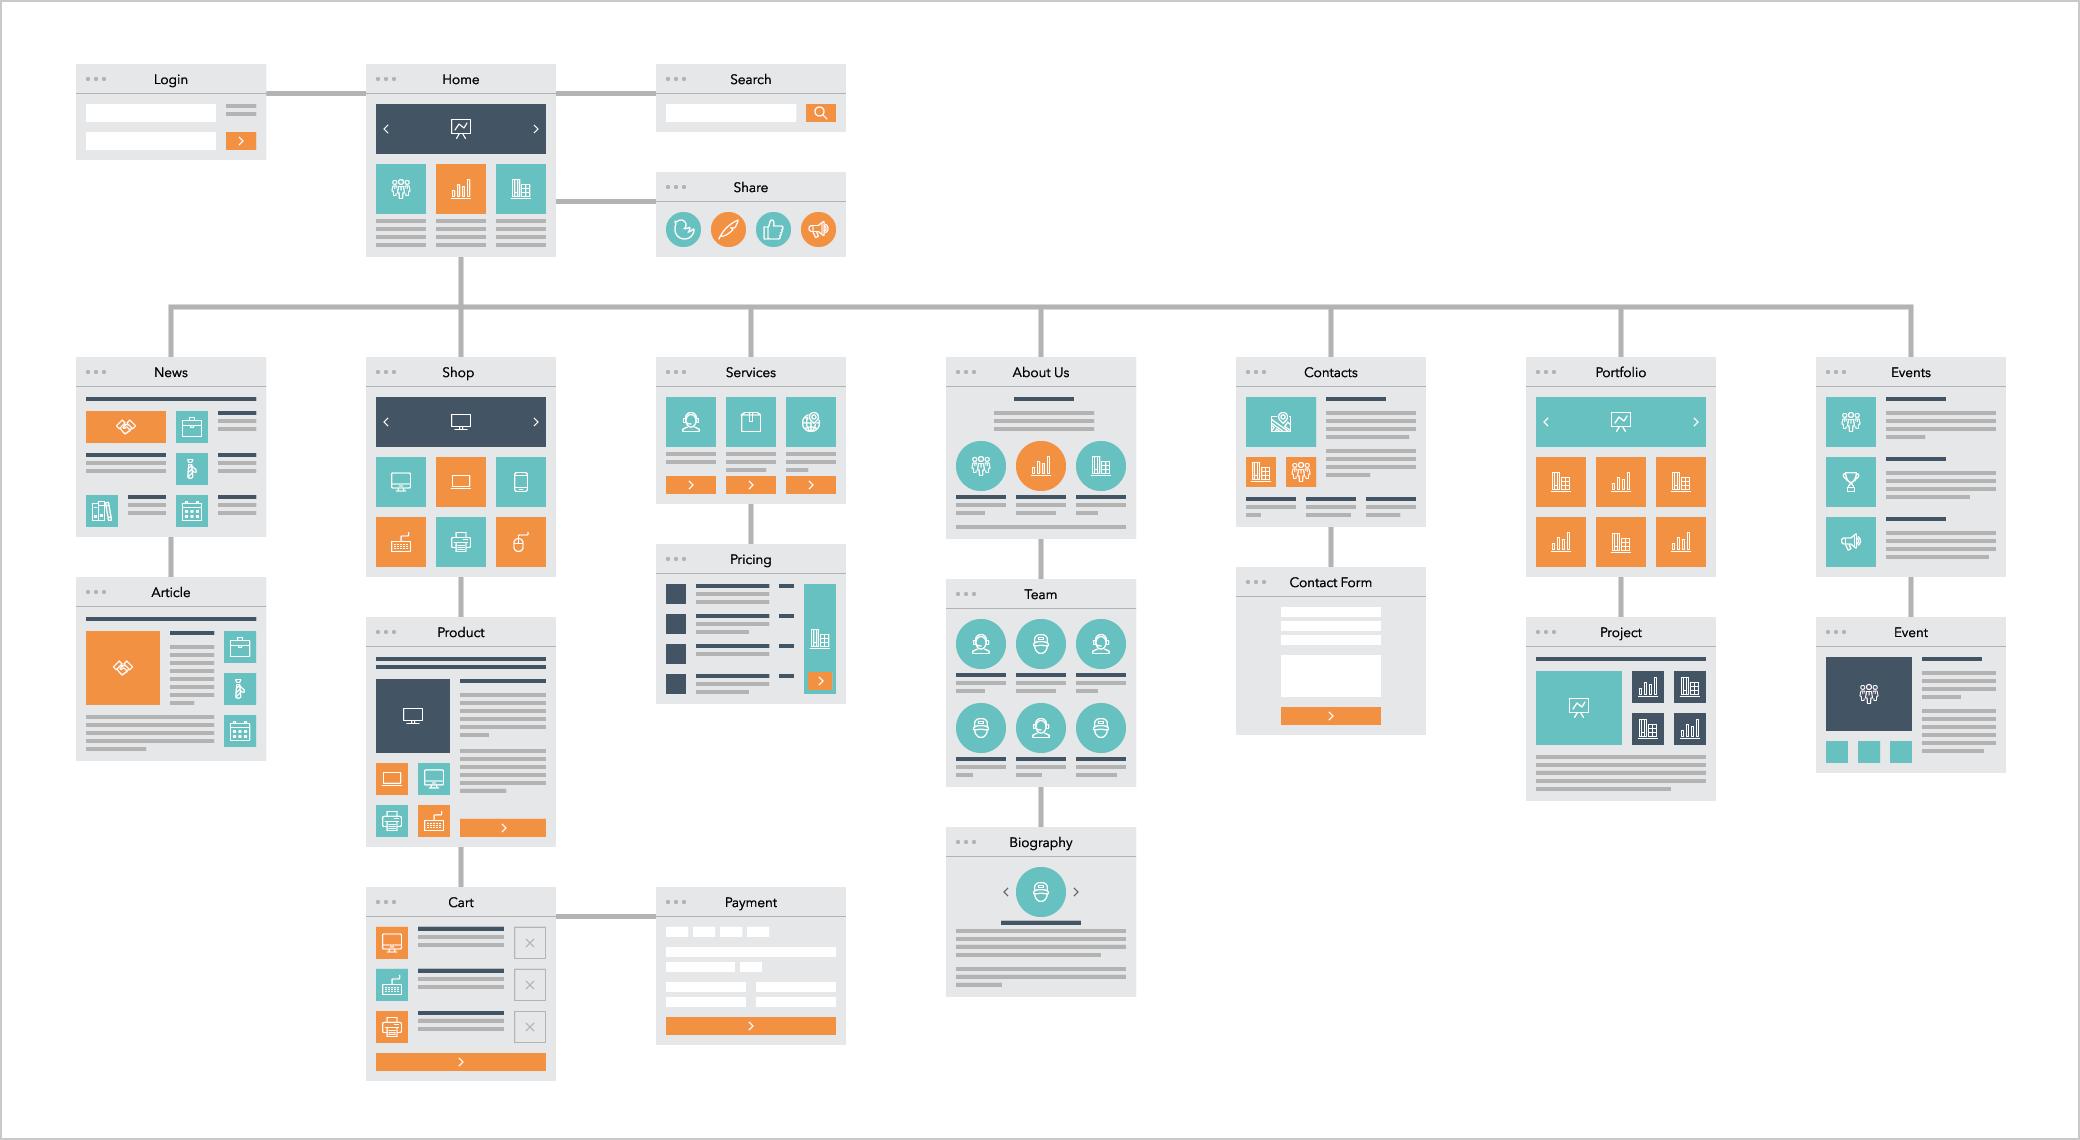 Informationsarchitektur – Das Konzept der kompletten Website